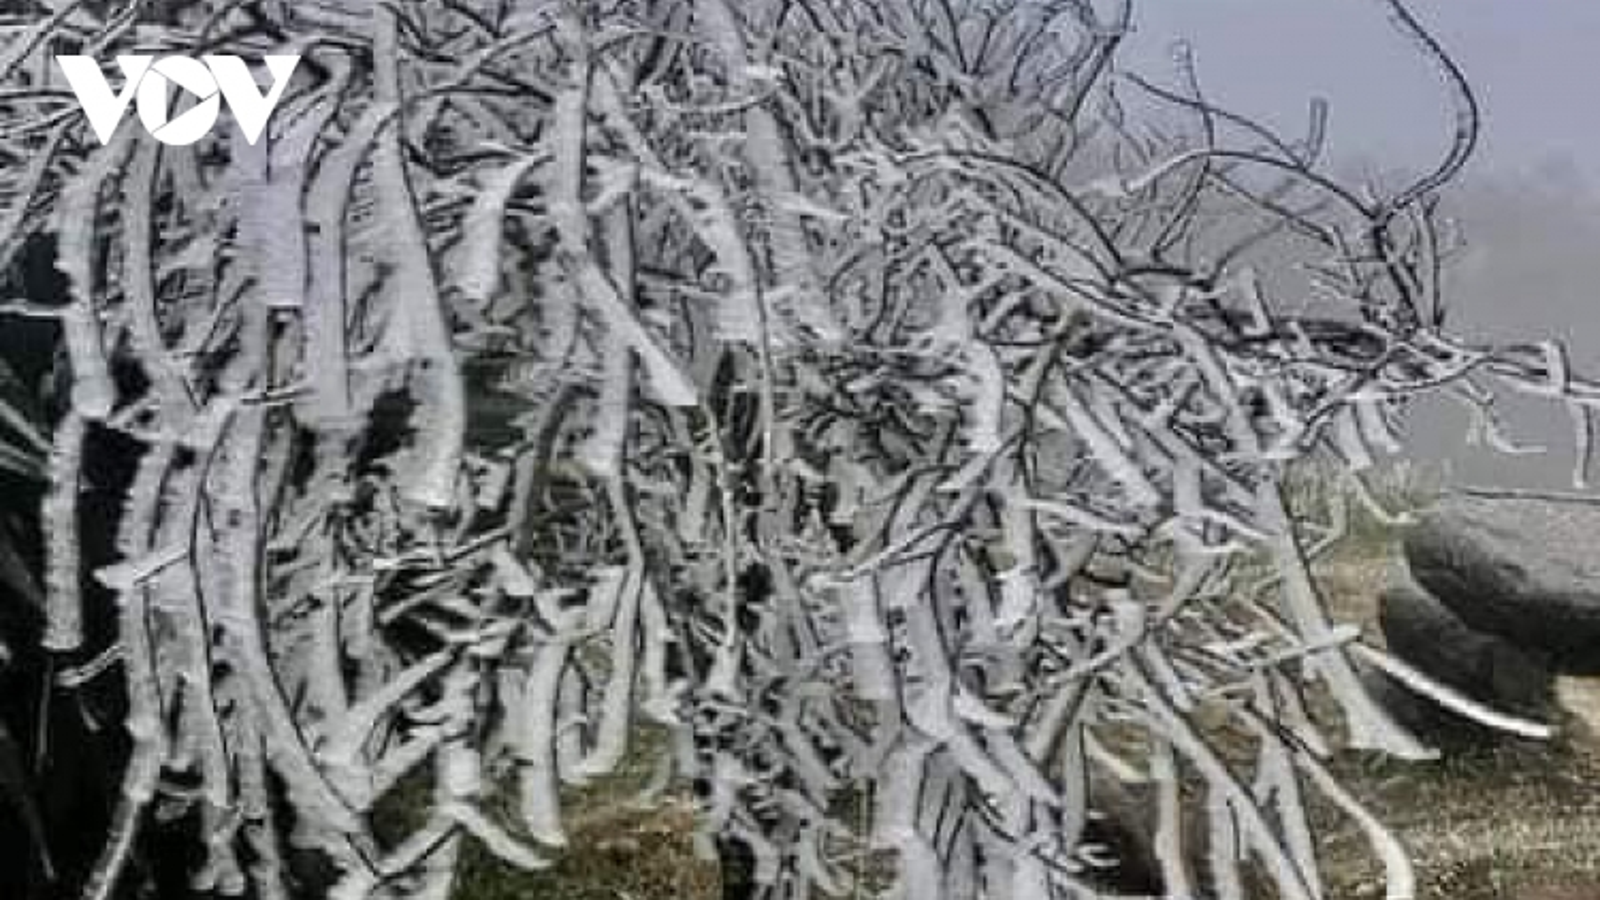 Nhiệt độ âm 1 độ C, vùng núi cao Bắc Yên, Sơn La xuất hiện băng giá